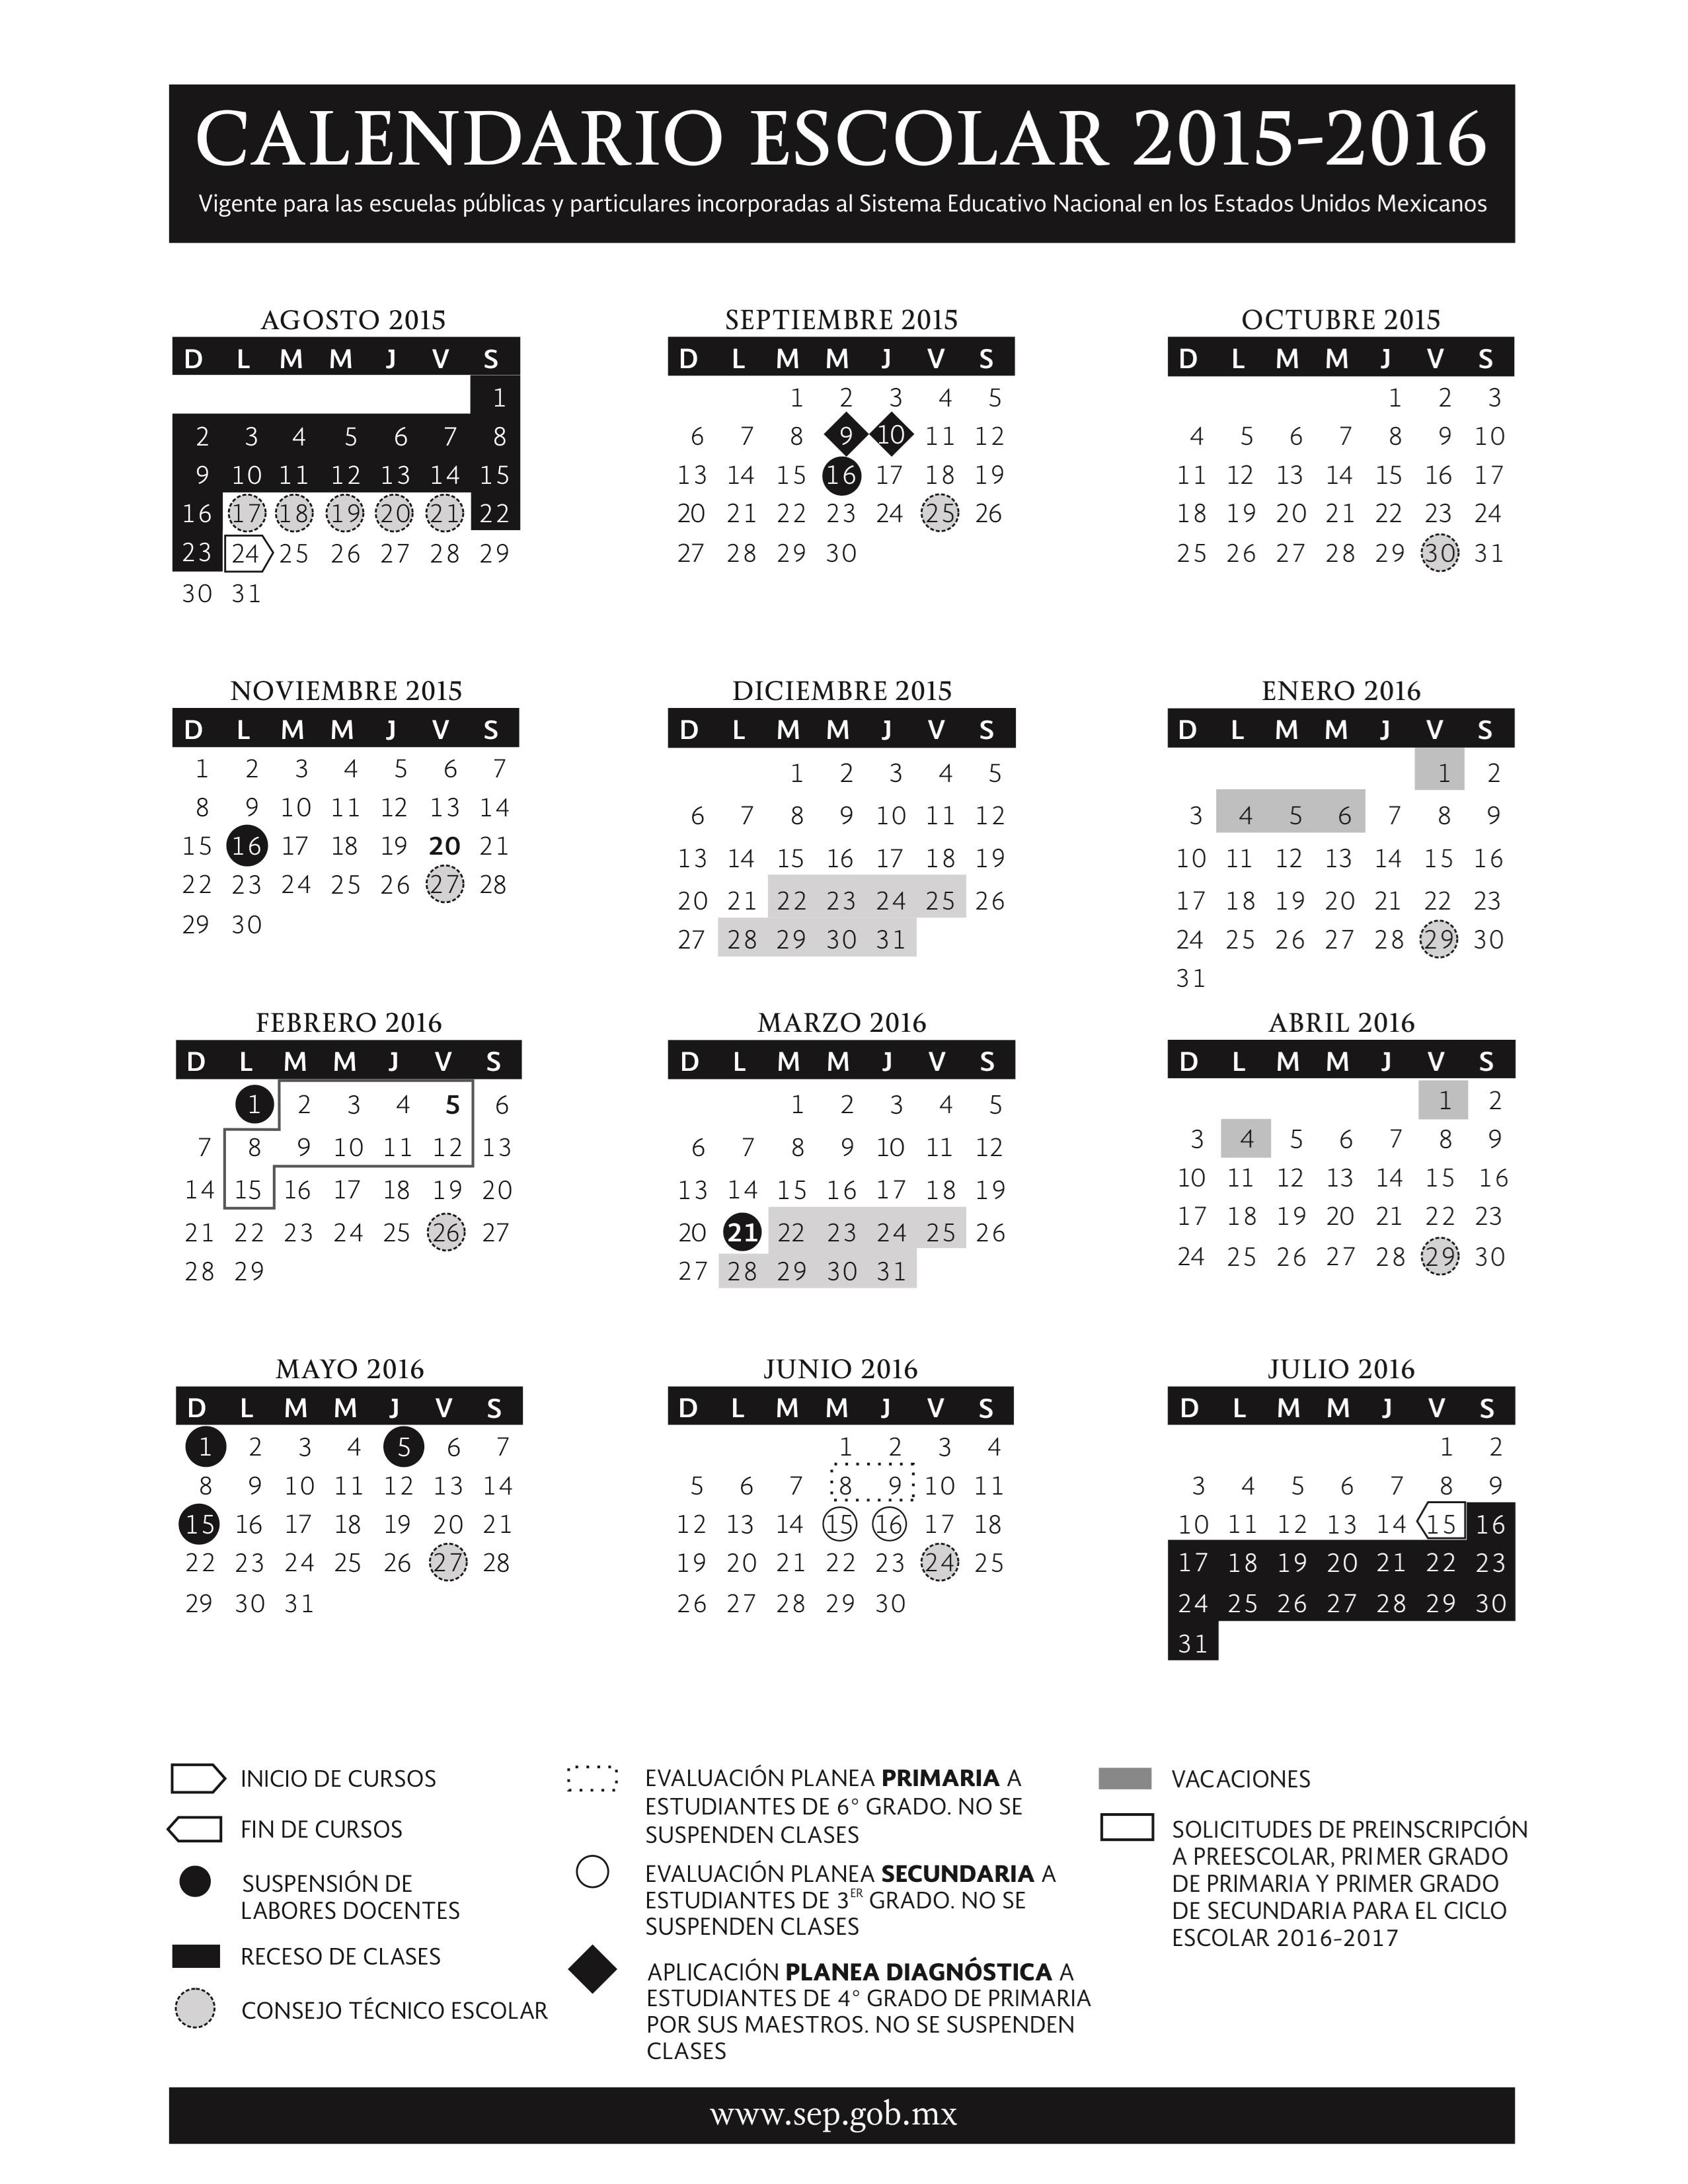 calendario-escolar-2015-2016